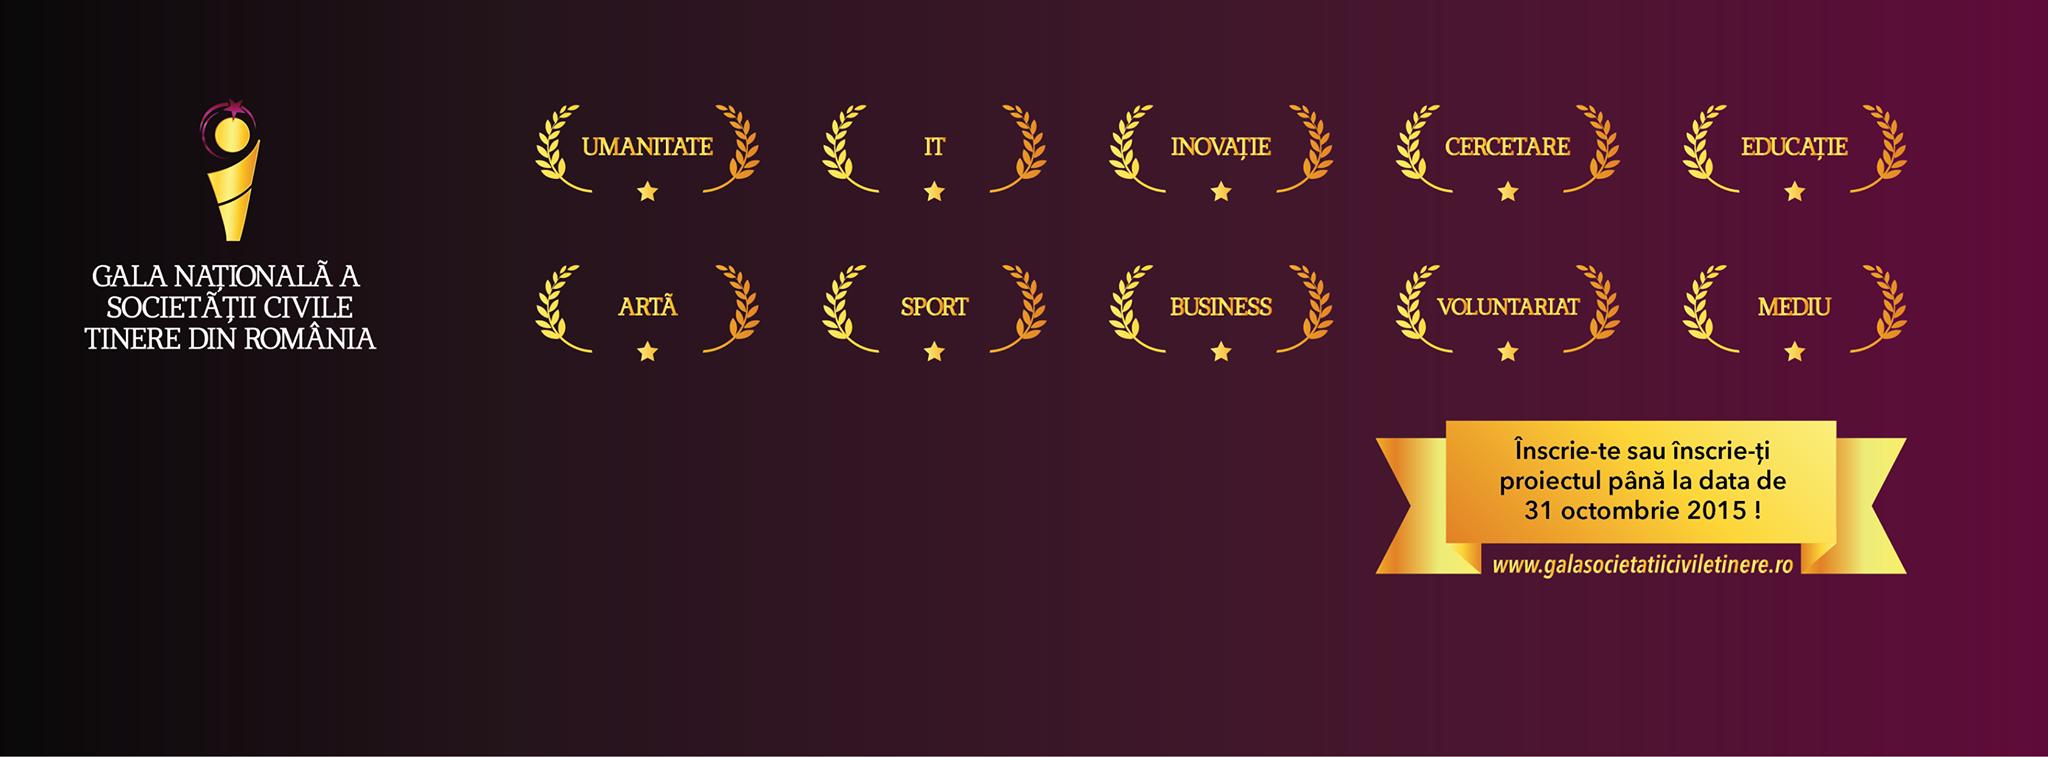 Nominalizează tinerii cu merite deosebite la Gala Națională a Societății Civile Tinere 2015